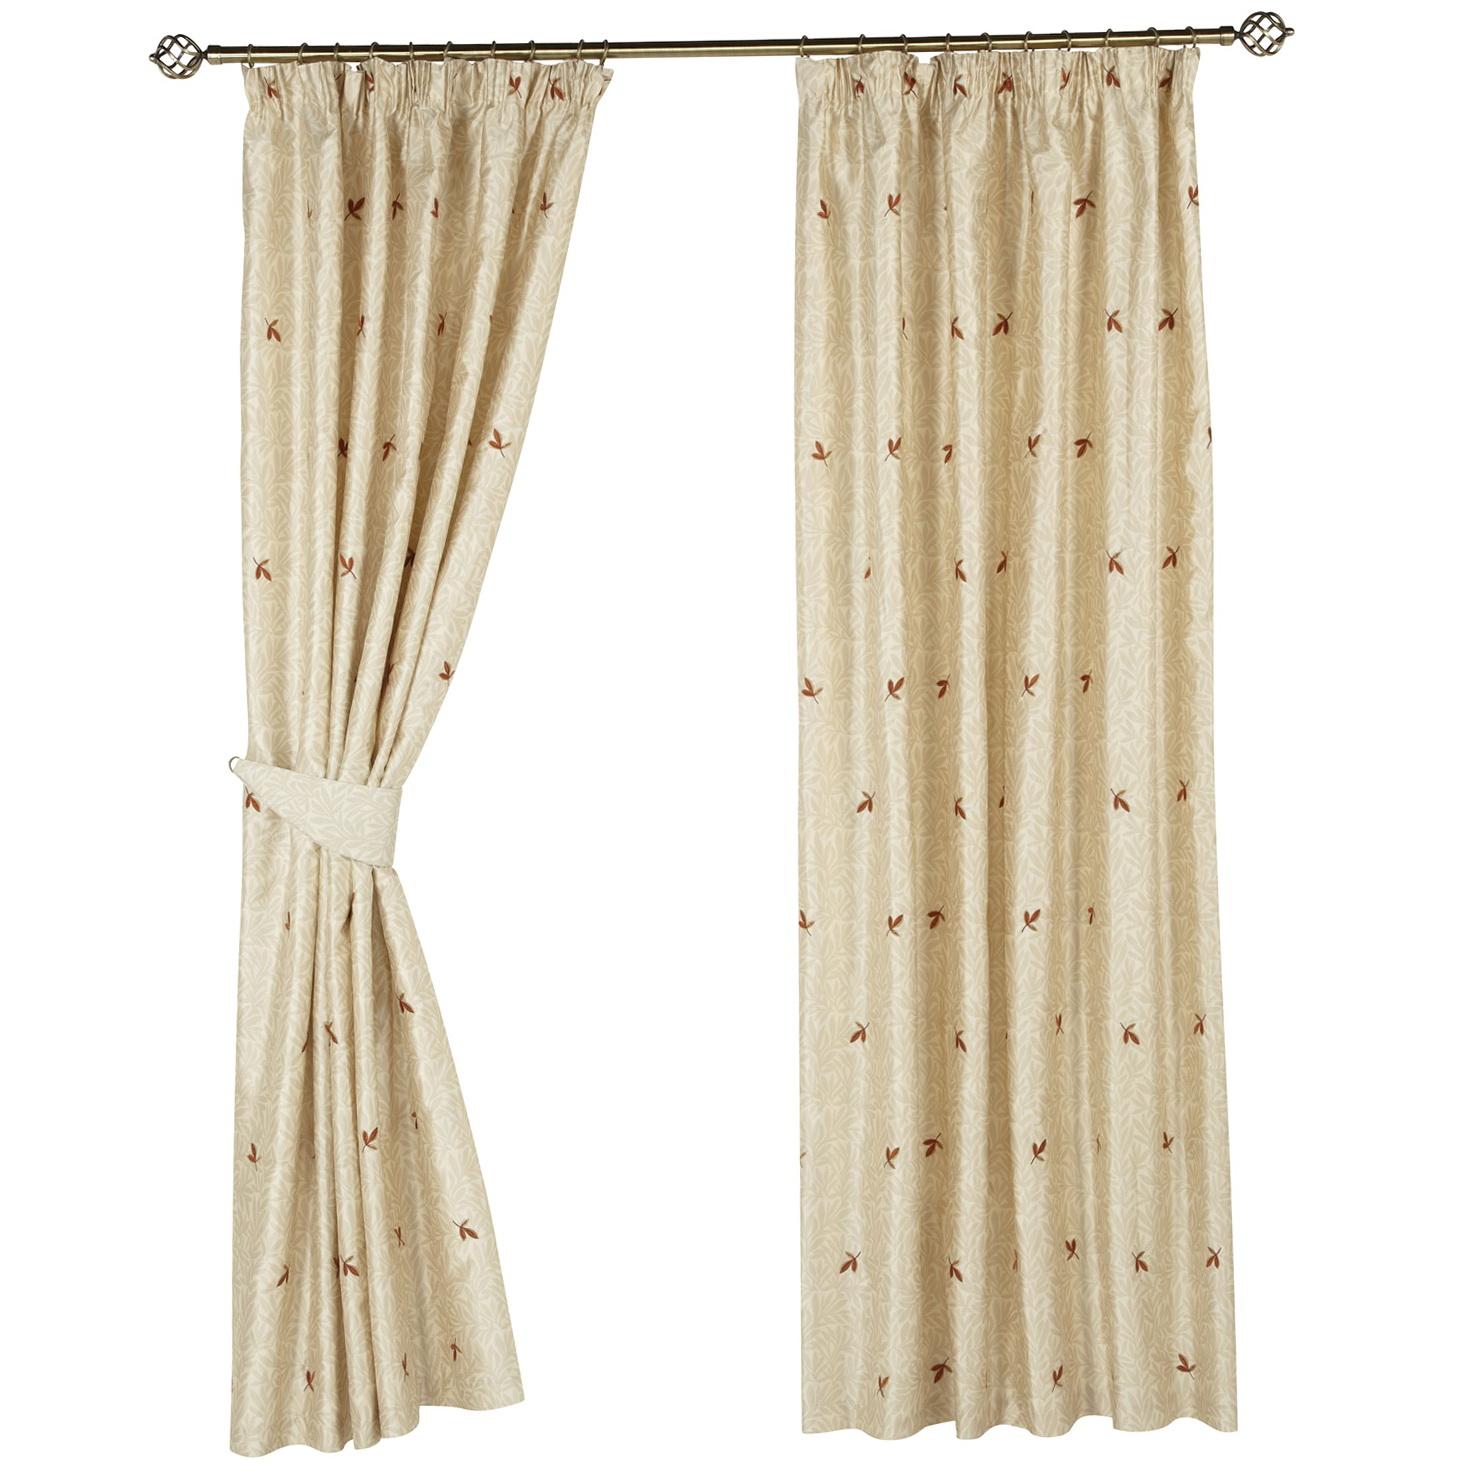 Pencil pleat curtains images home design ideas for Pencil pleat curtains on track